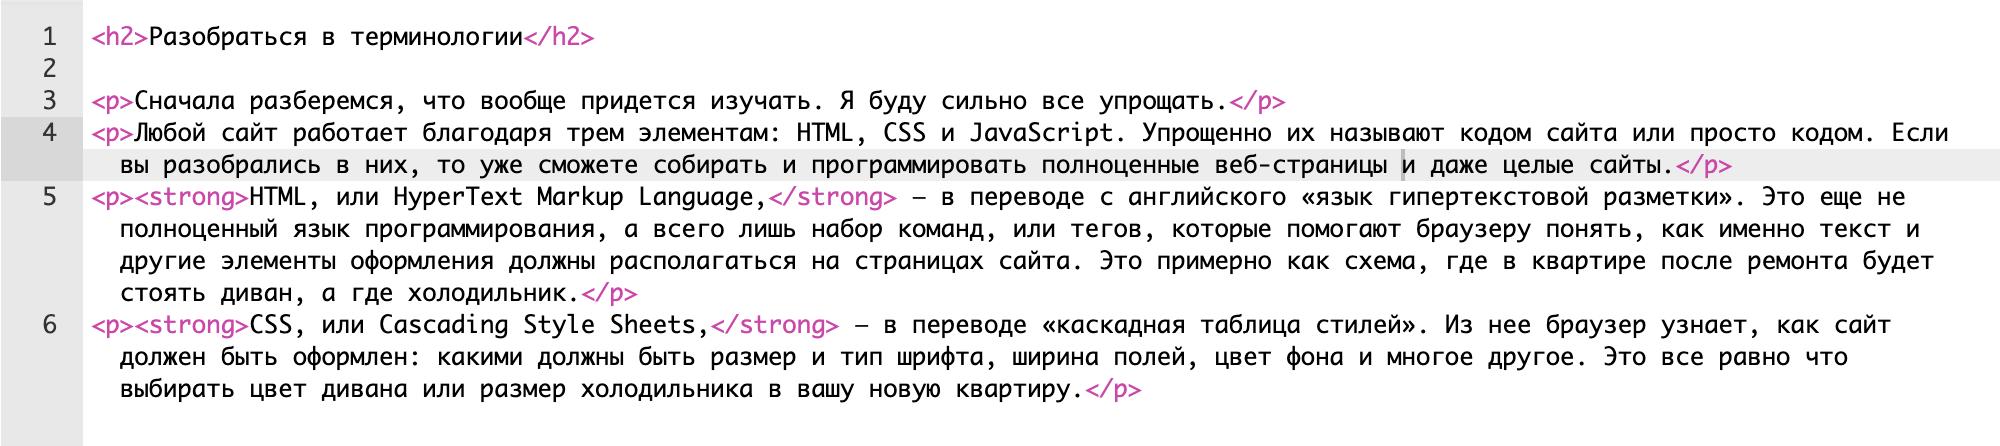 Теги HTML в редакторе кода отмечены розовым. Они помогают браузеру понять, где просто текст (<p> </p> — paragraph), где заголовок (<h2> </h2> — header), а где важный текст (<strong> </strong>)